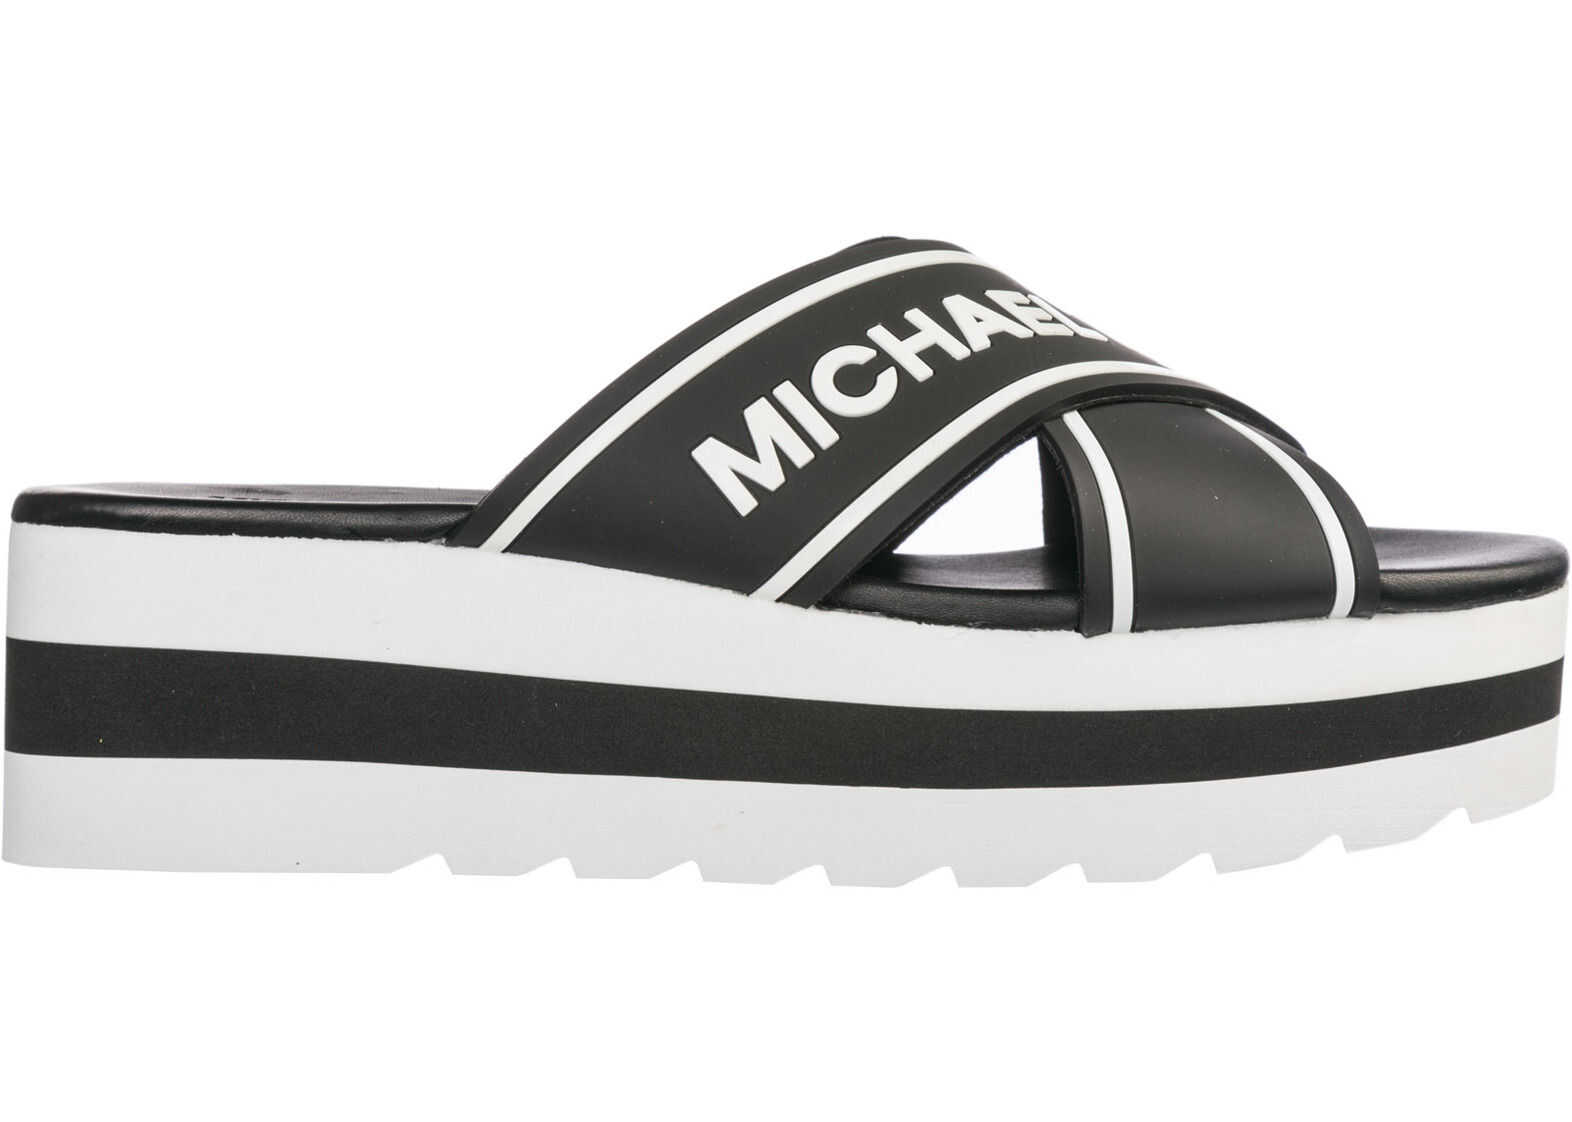 Michael Kors Slippers Sandals Black